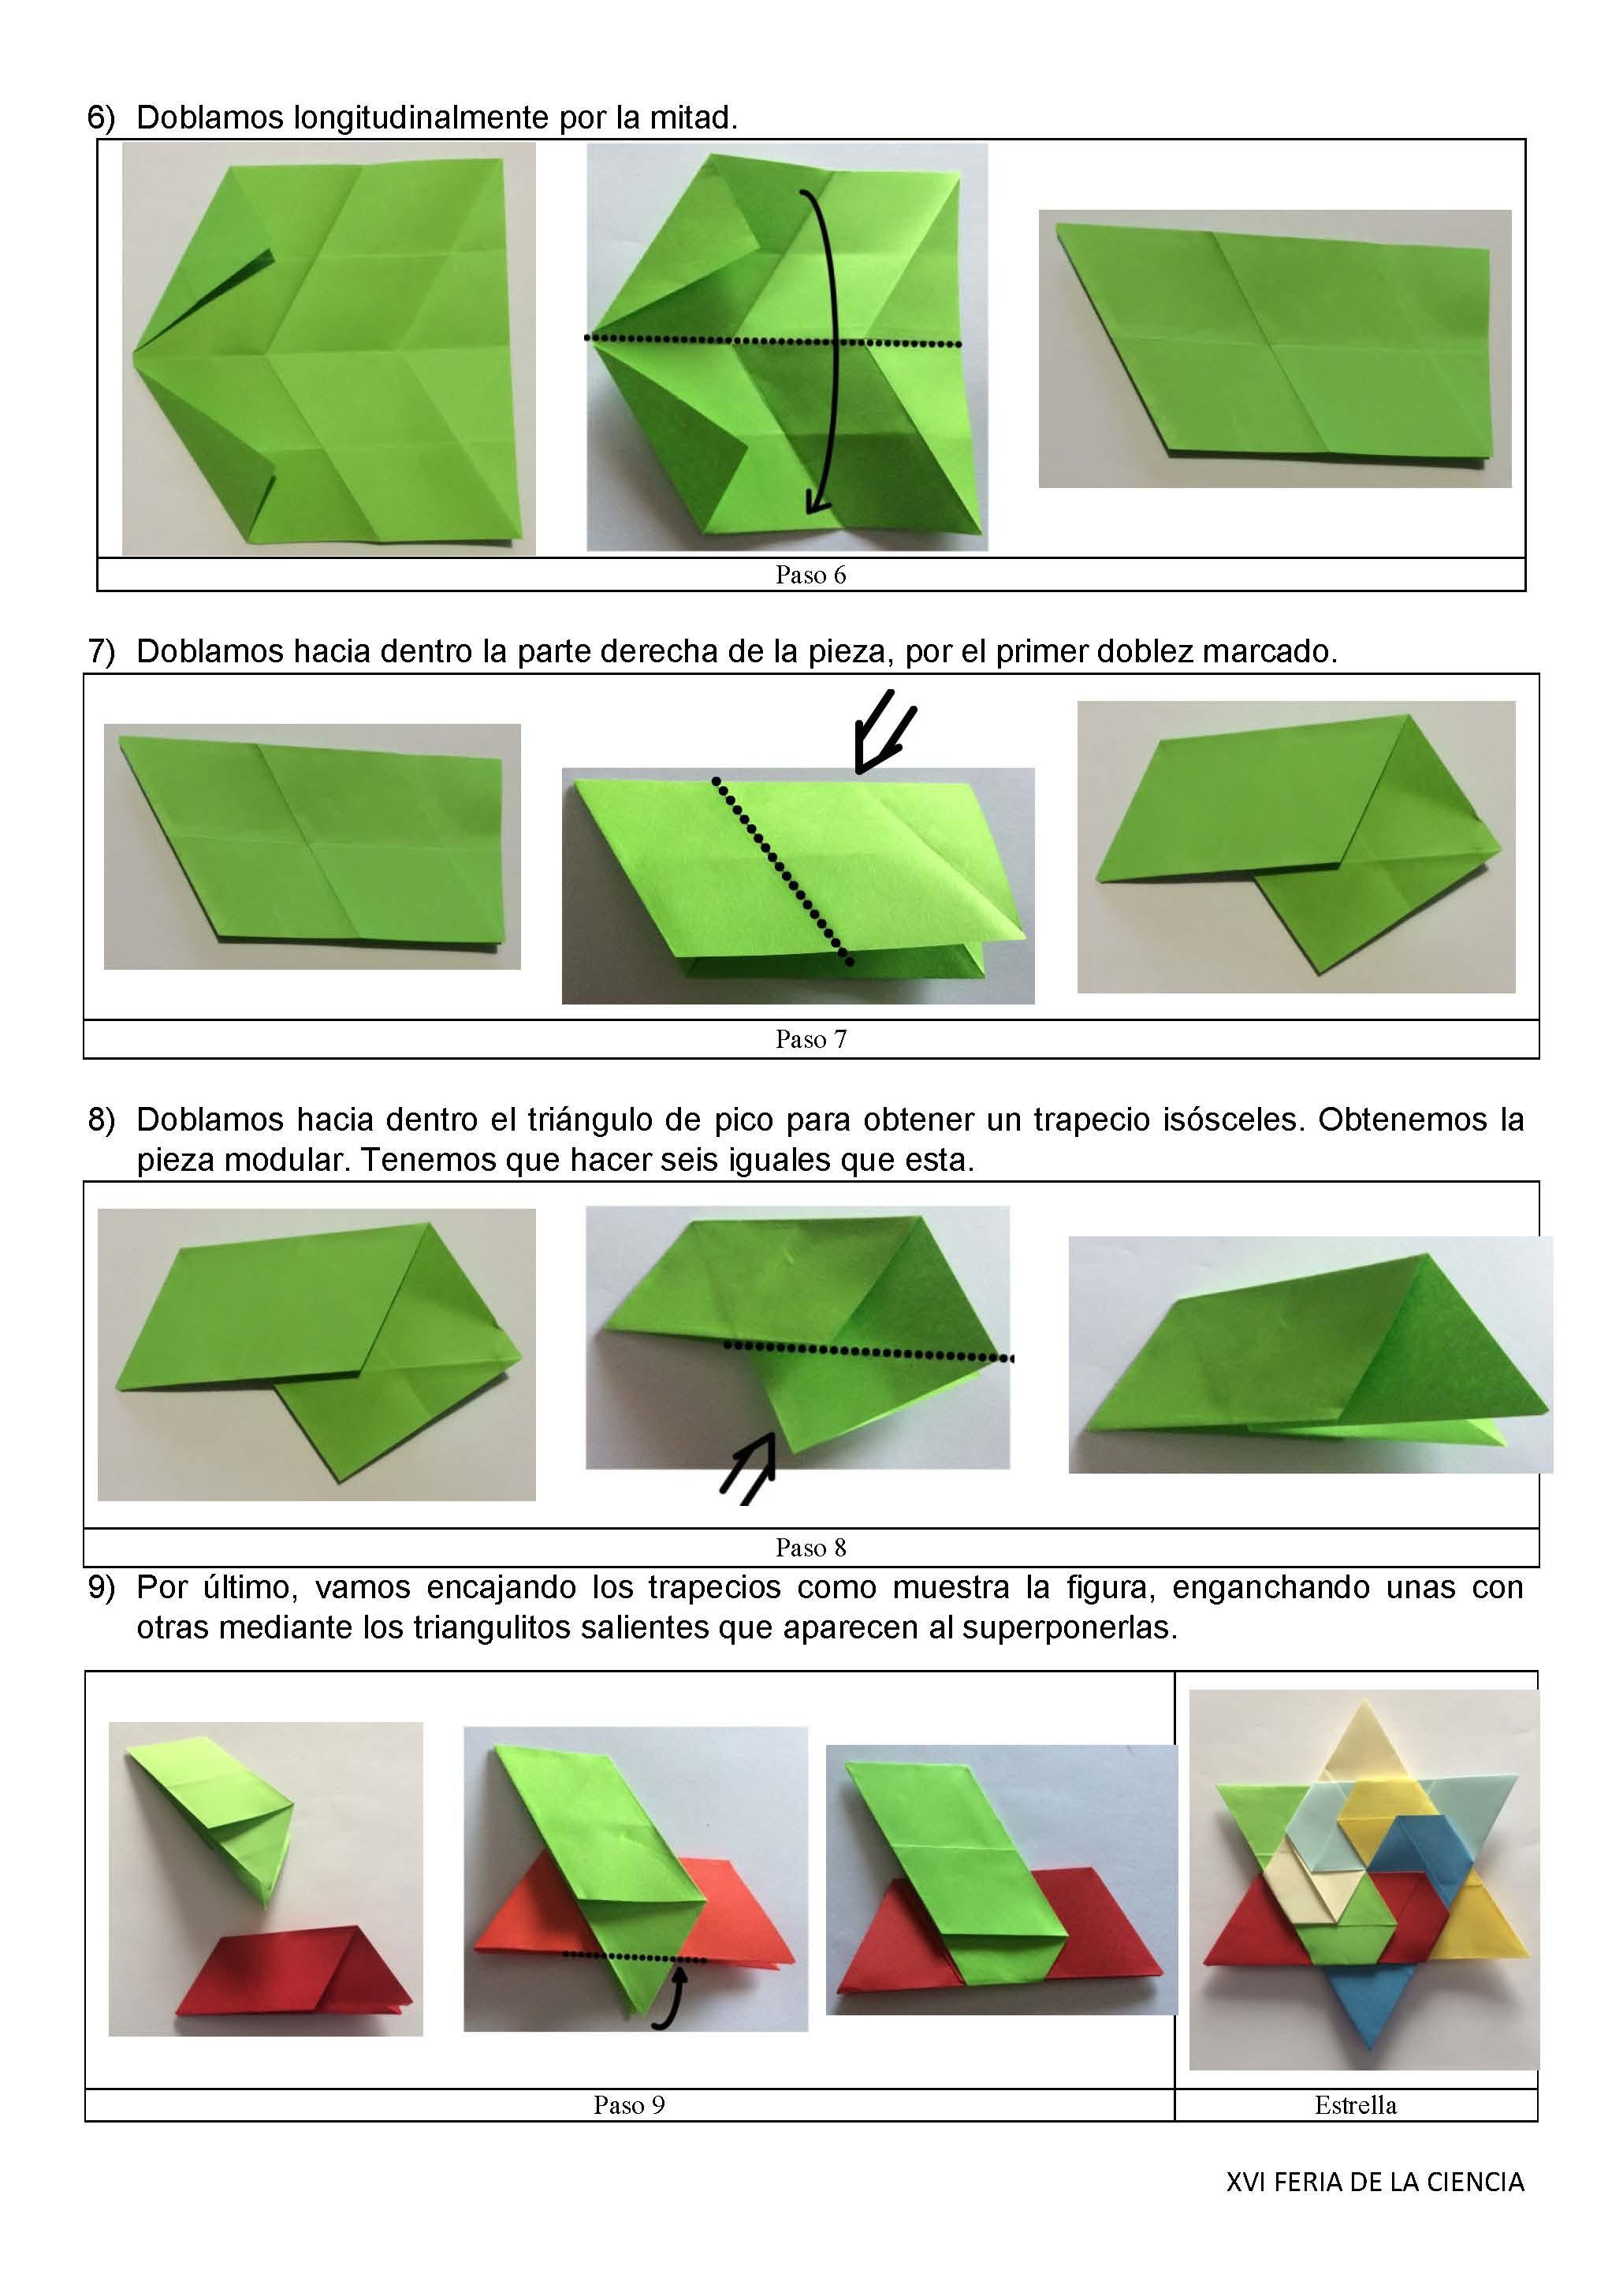 Atractivo Las Estrellas Esmalte De Uñas Colección - Ideas Para ...